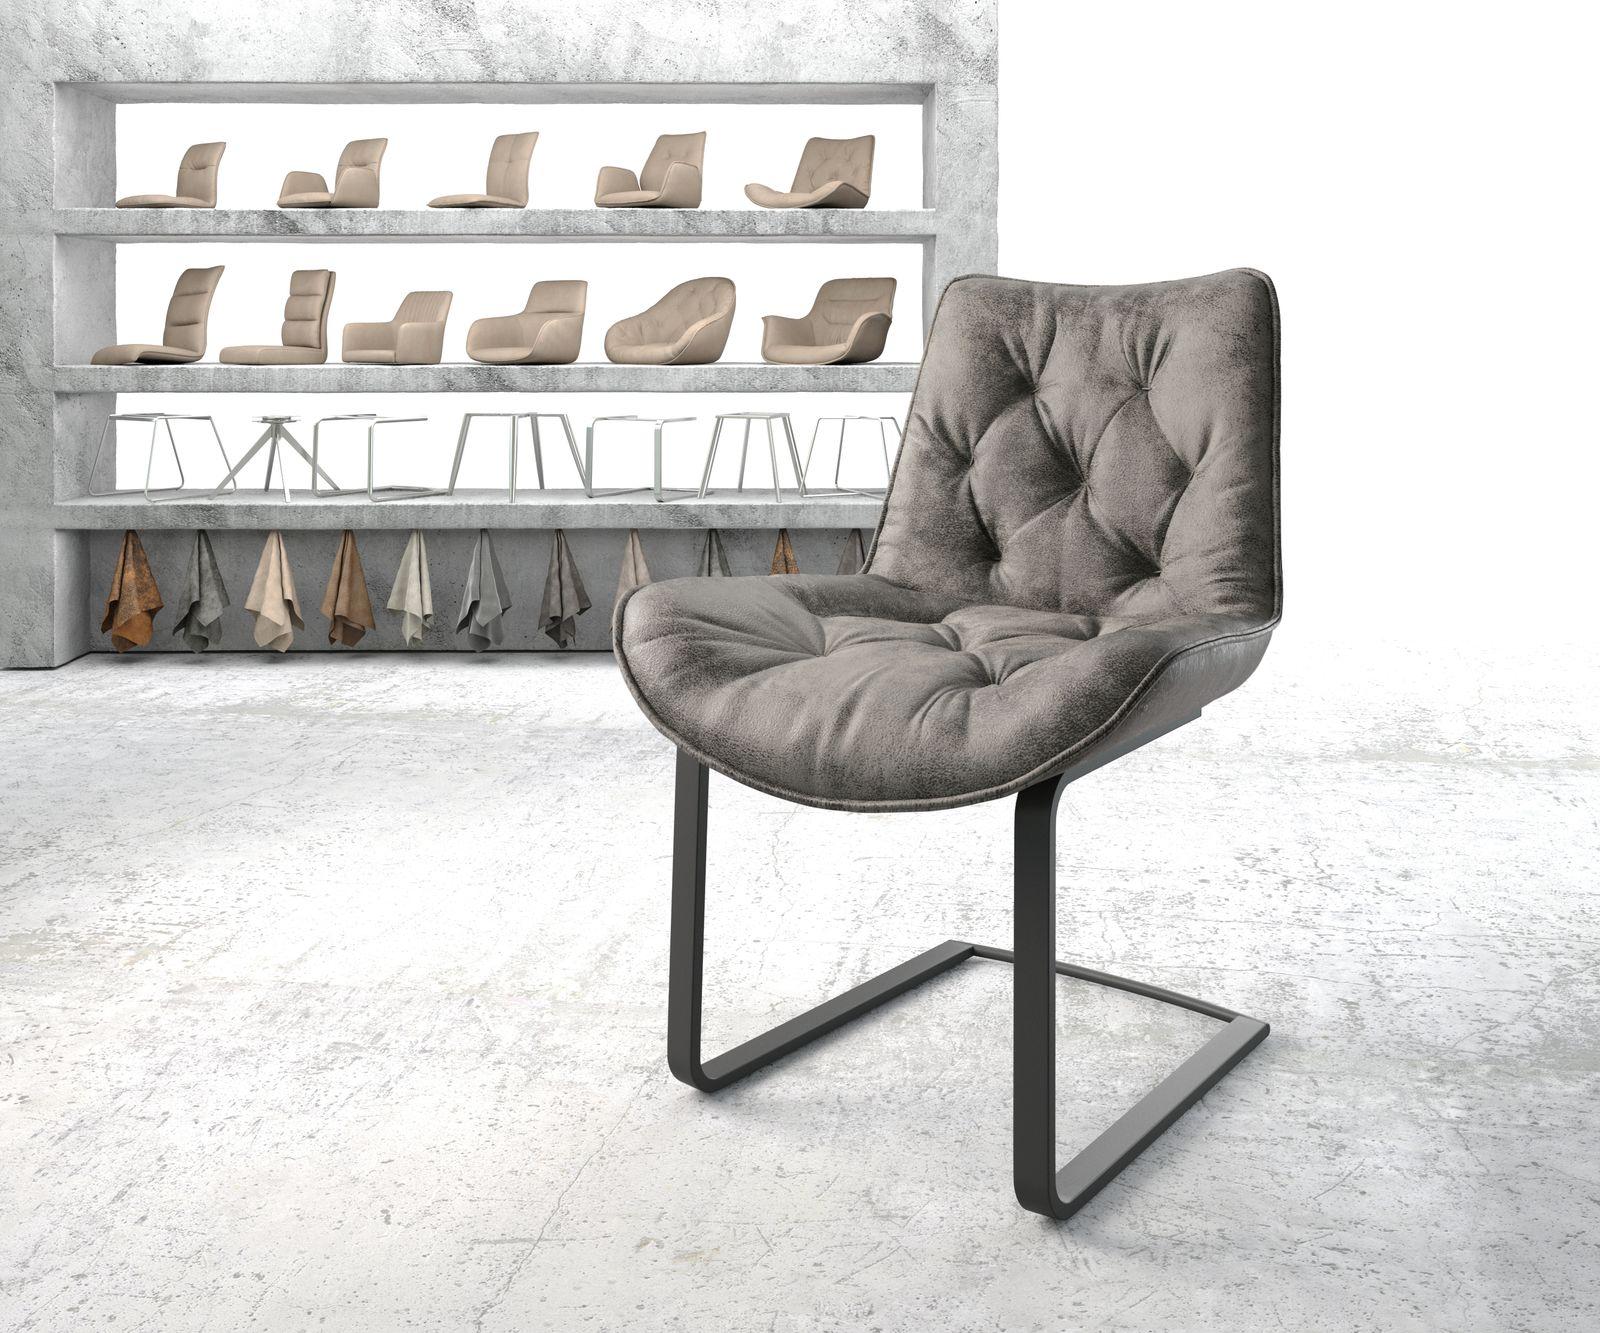 delife-esszimmerstuhl-taimi-flex-grau-vintage-freischwinger-flach-schwarz-esszimmerstuhle